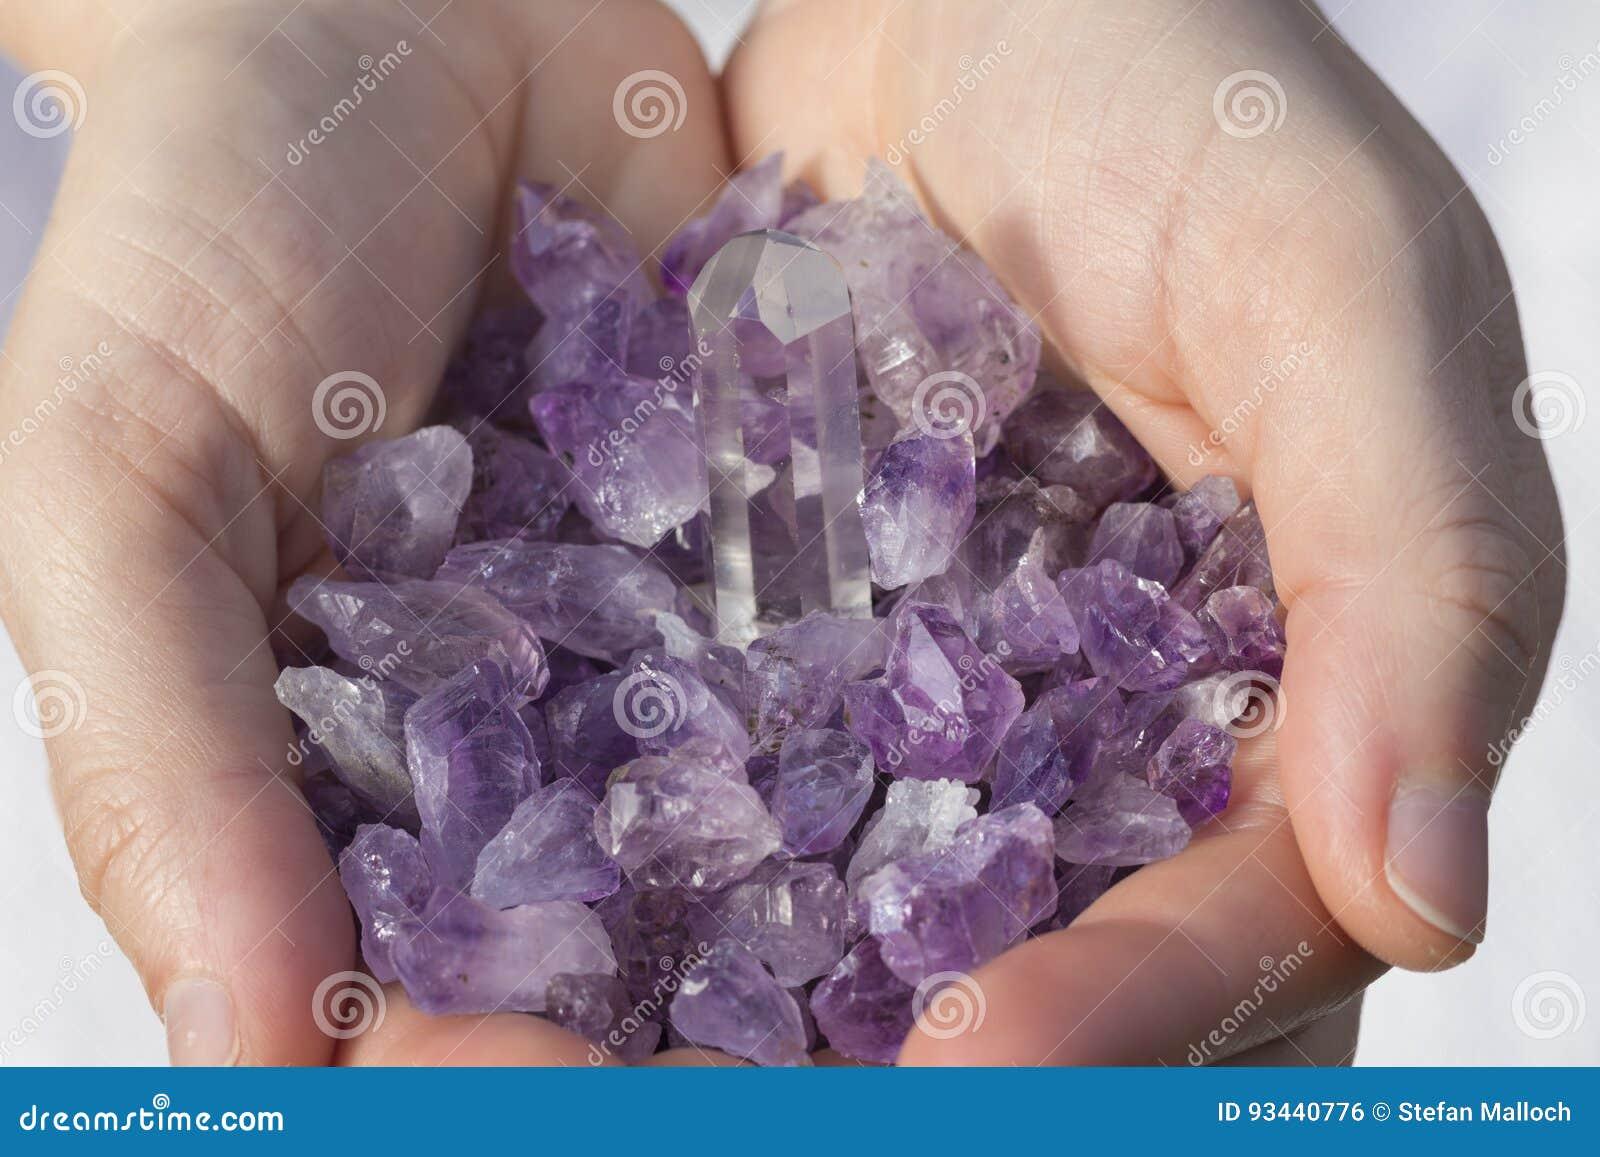 Amethyst Pieces in hands